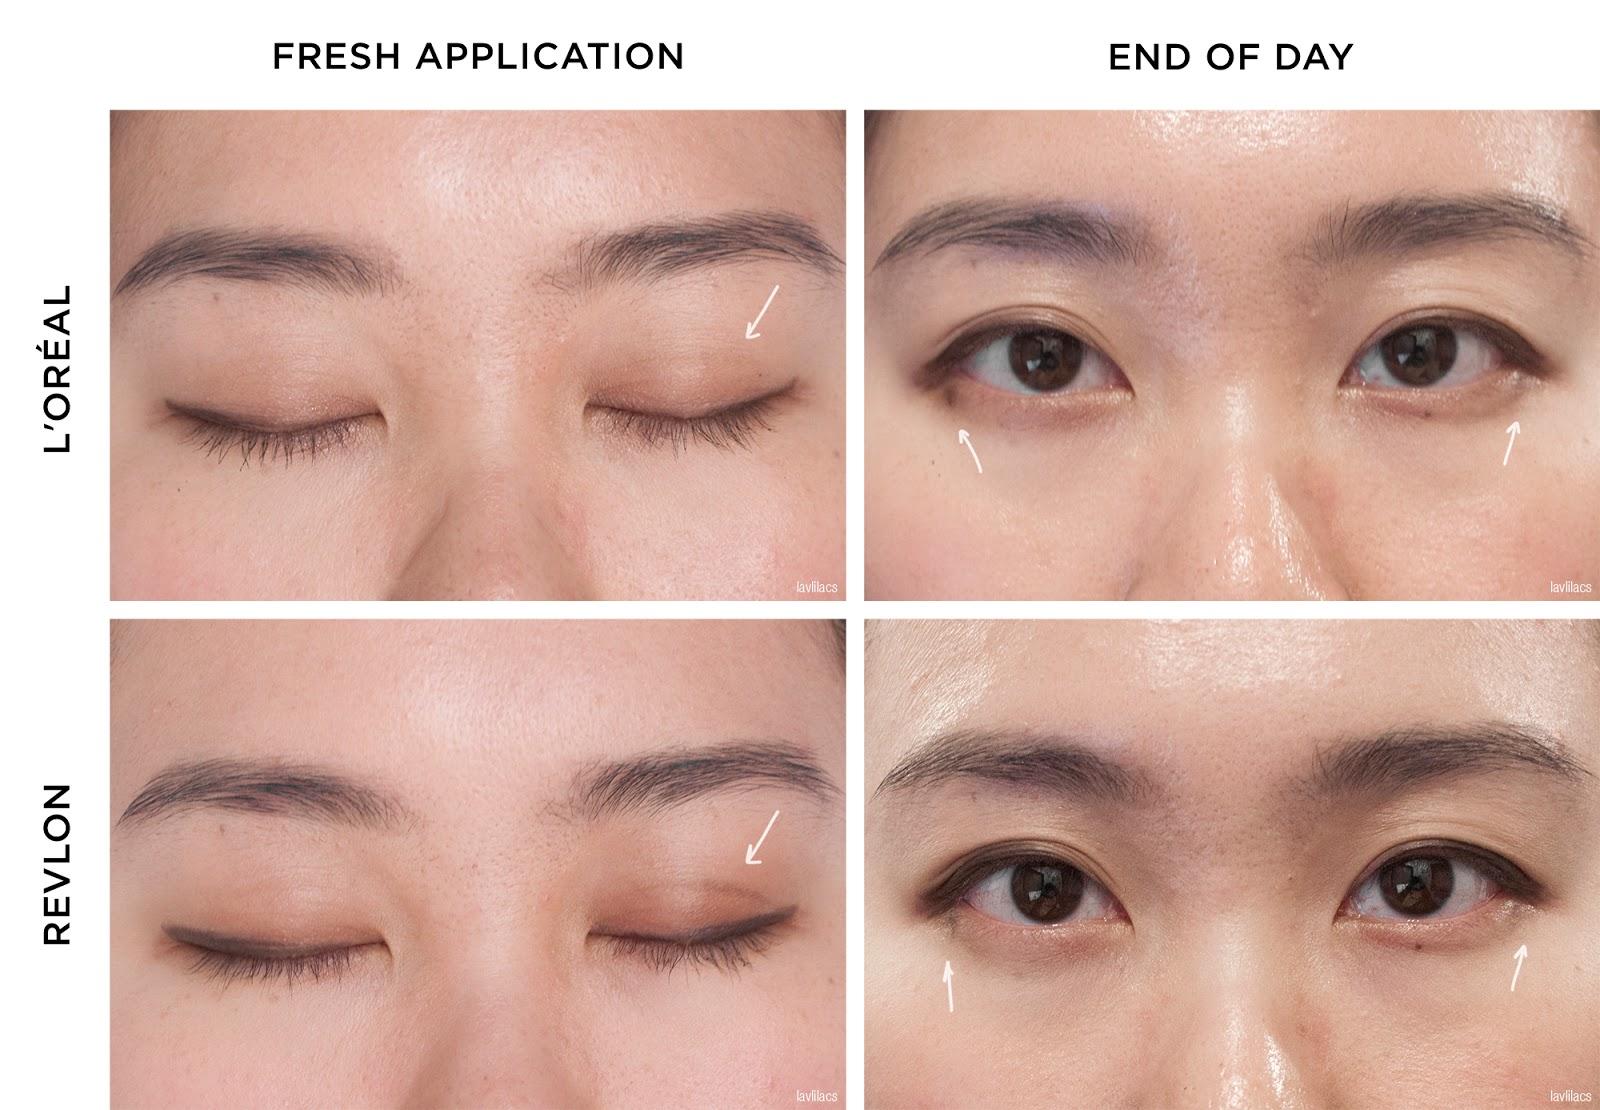 lavlilacs Retractable Eyeliner Comparison Review - L'Oreal Matte-Matic versus Revlon Colorstay applied